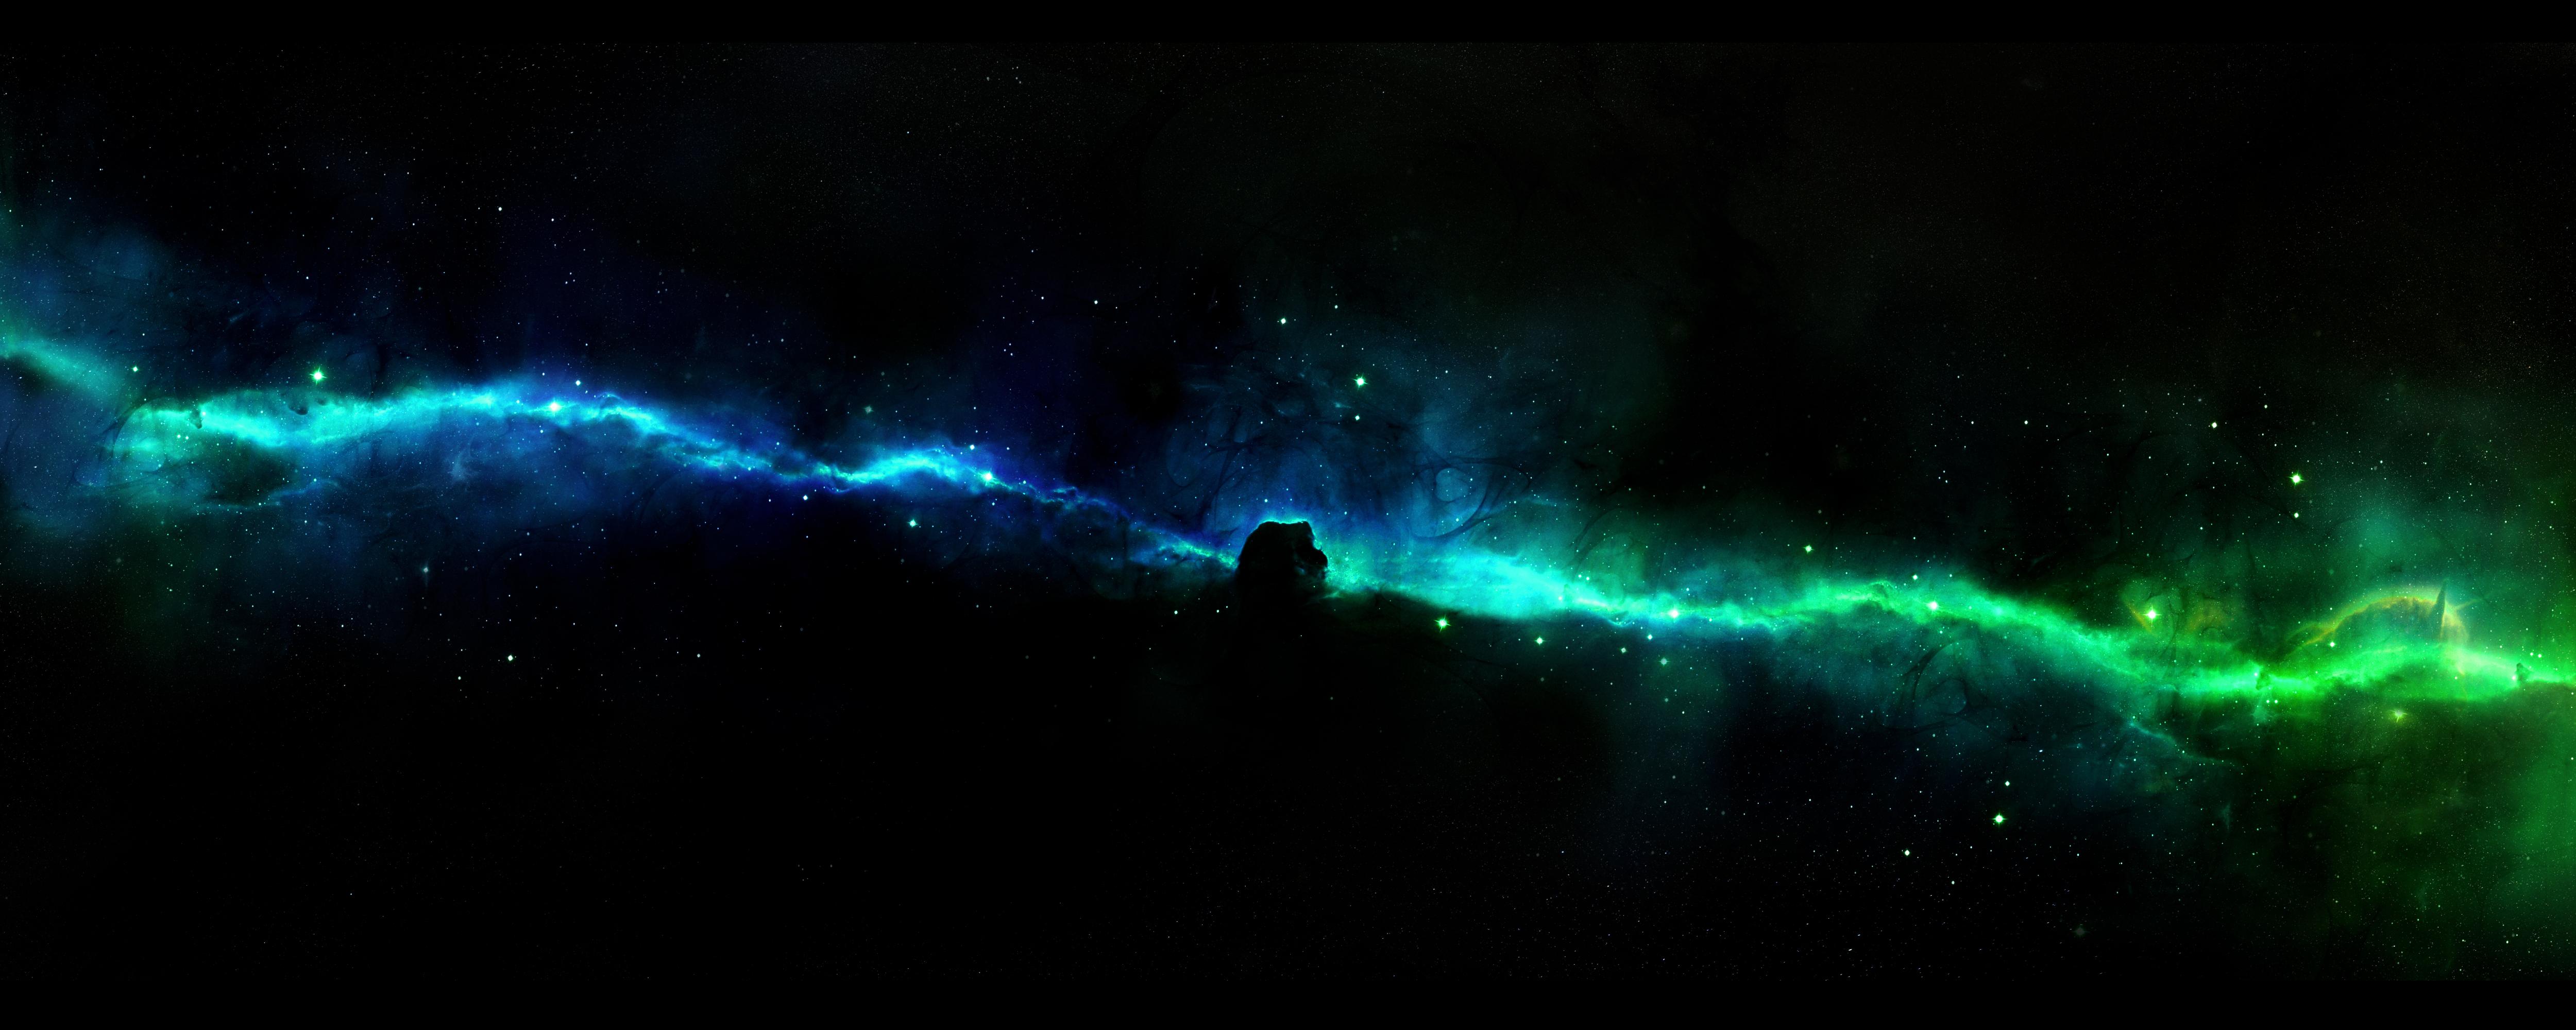 Space Panoramic Wallpaper - WallpaperSafari